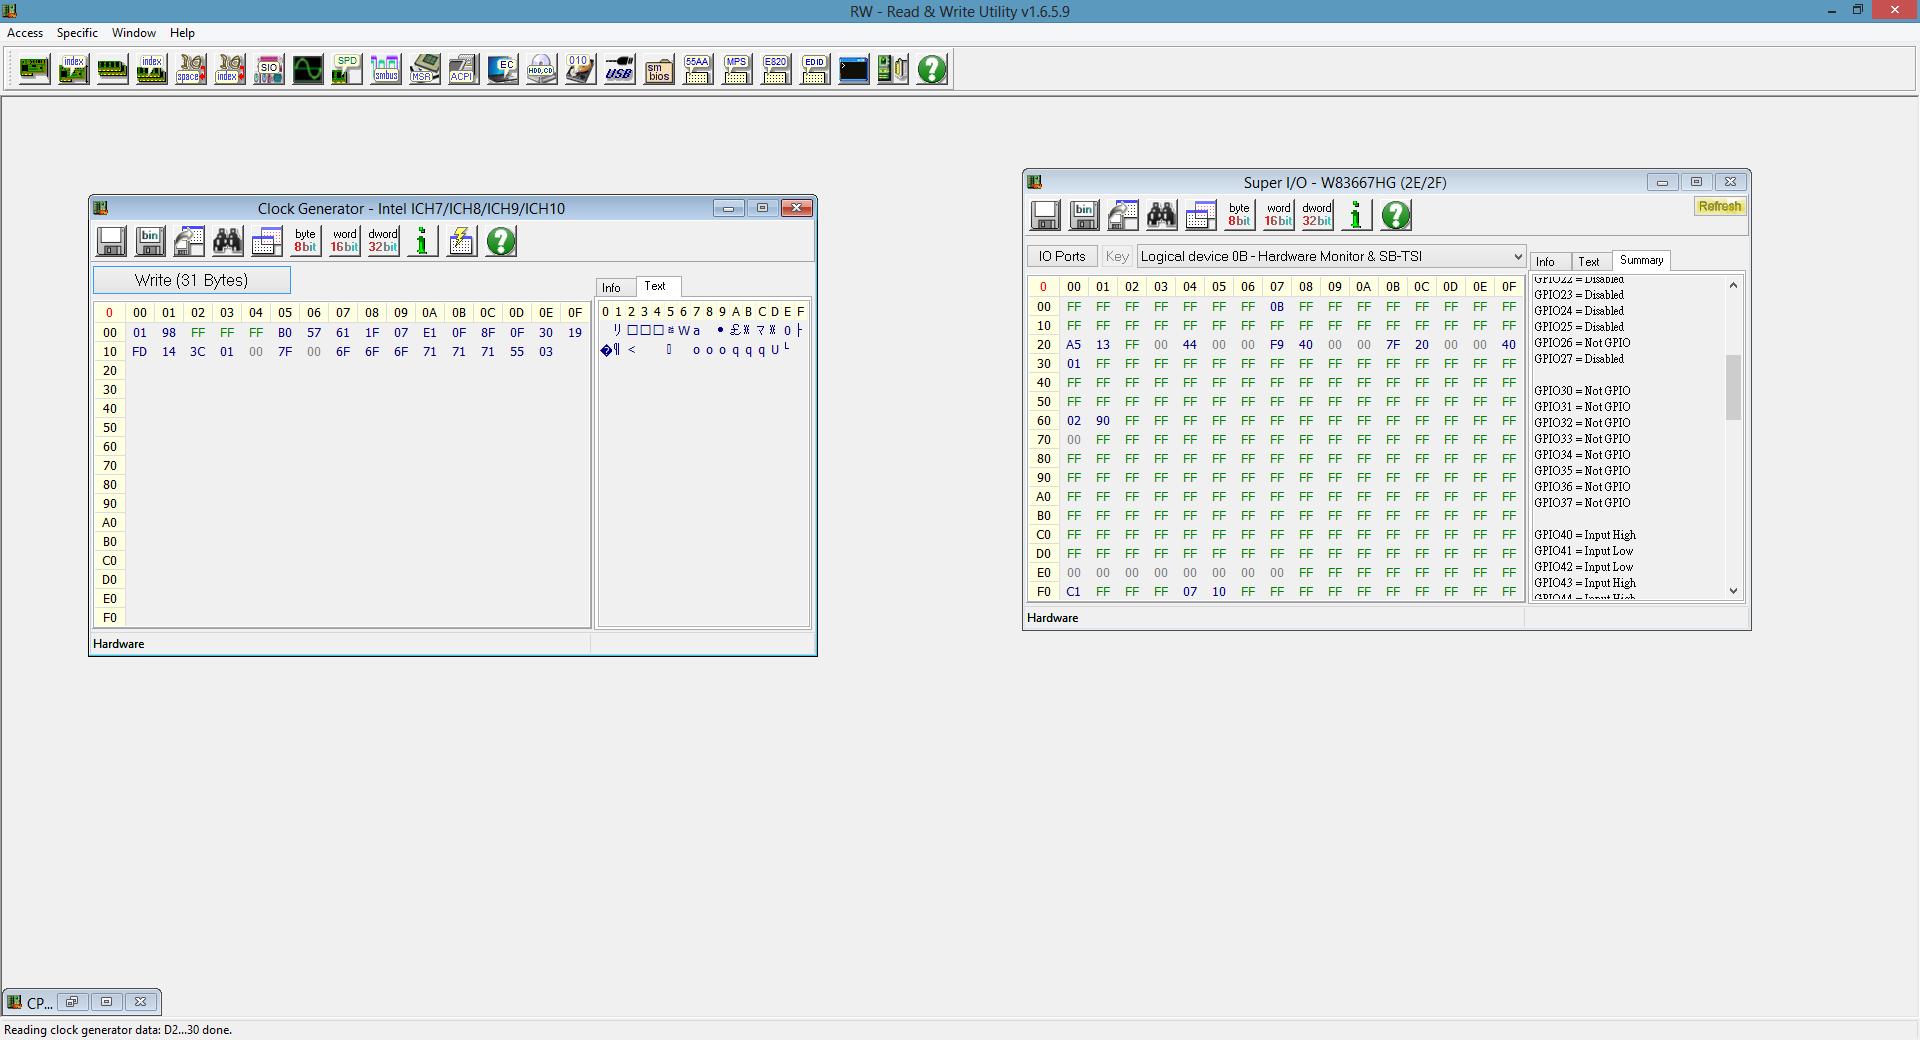 780398d1414059035-how-ubertakten-mit-rw-everything-auf-non-oc-boards-alternative-zu-setfsb-rw1.png